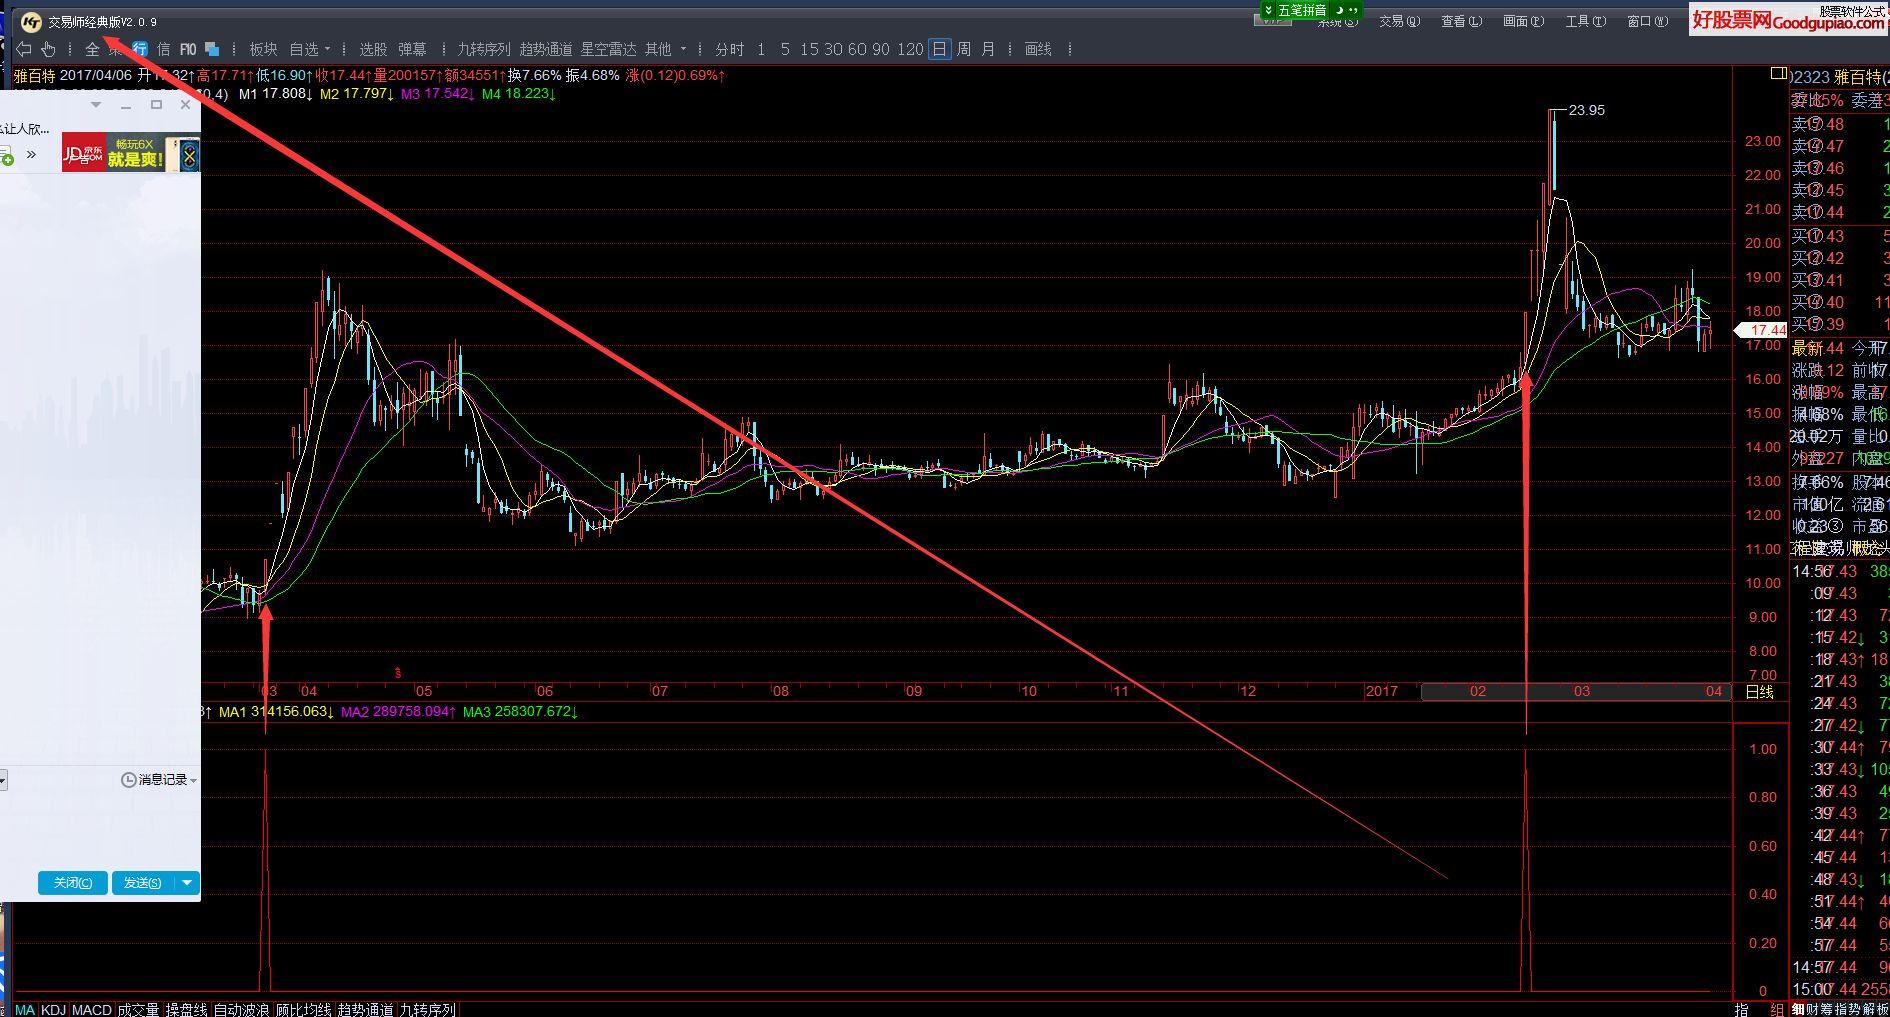 红尘一跃(指标 副图/选股 KT交易师 贴图)没未来不飘移